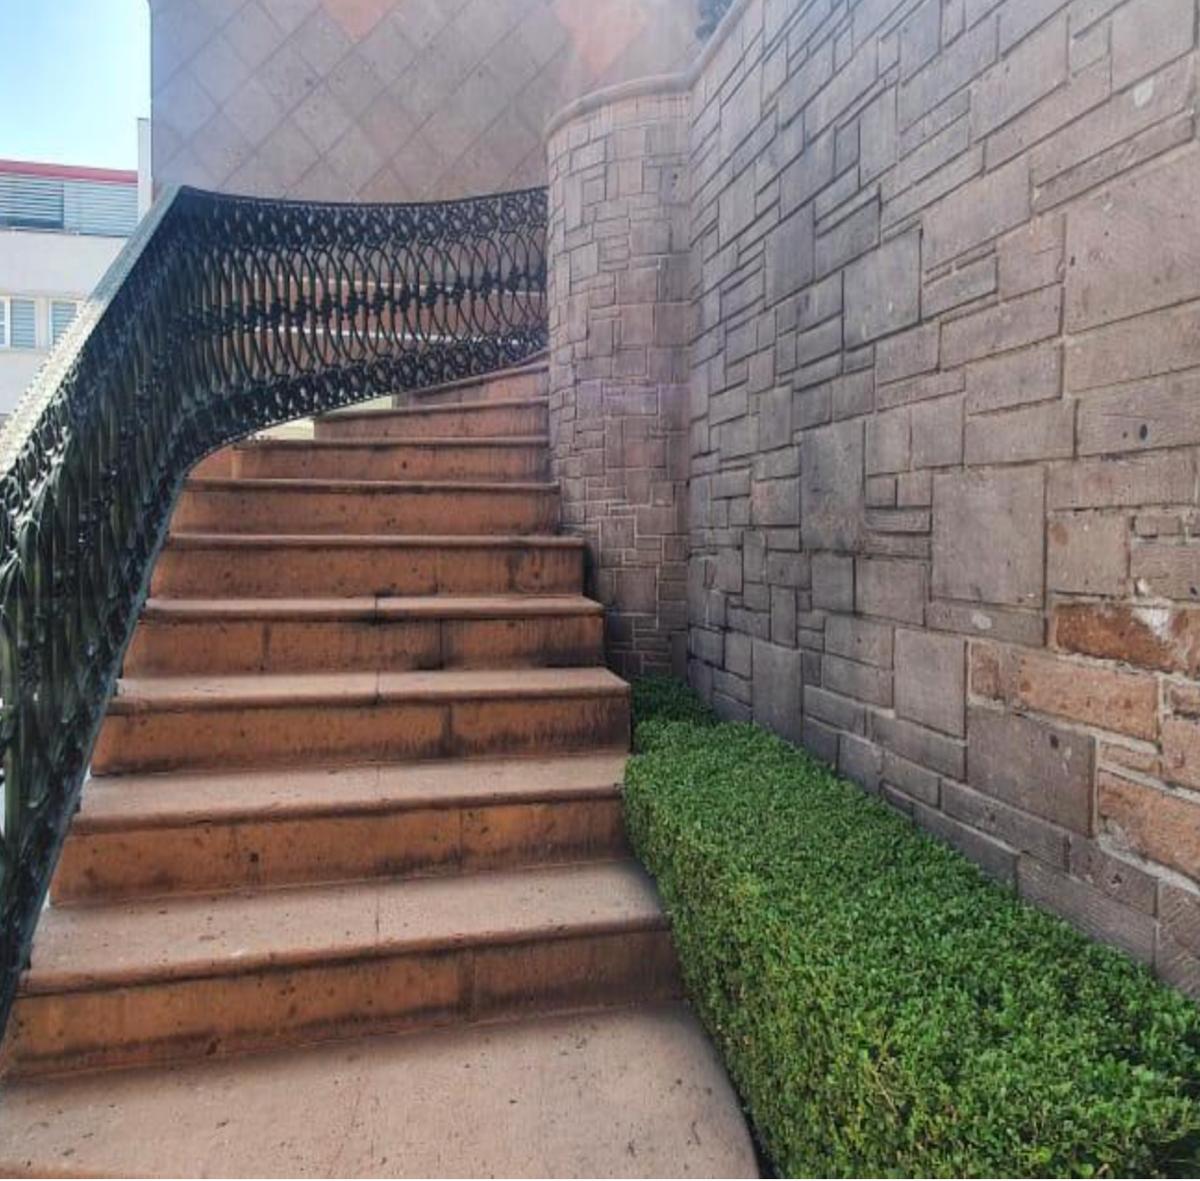 20 de 20: Escaleras para accesar a la casa